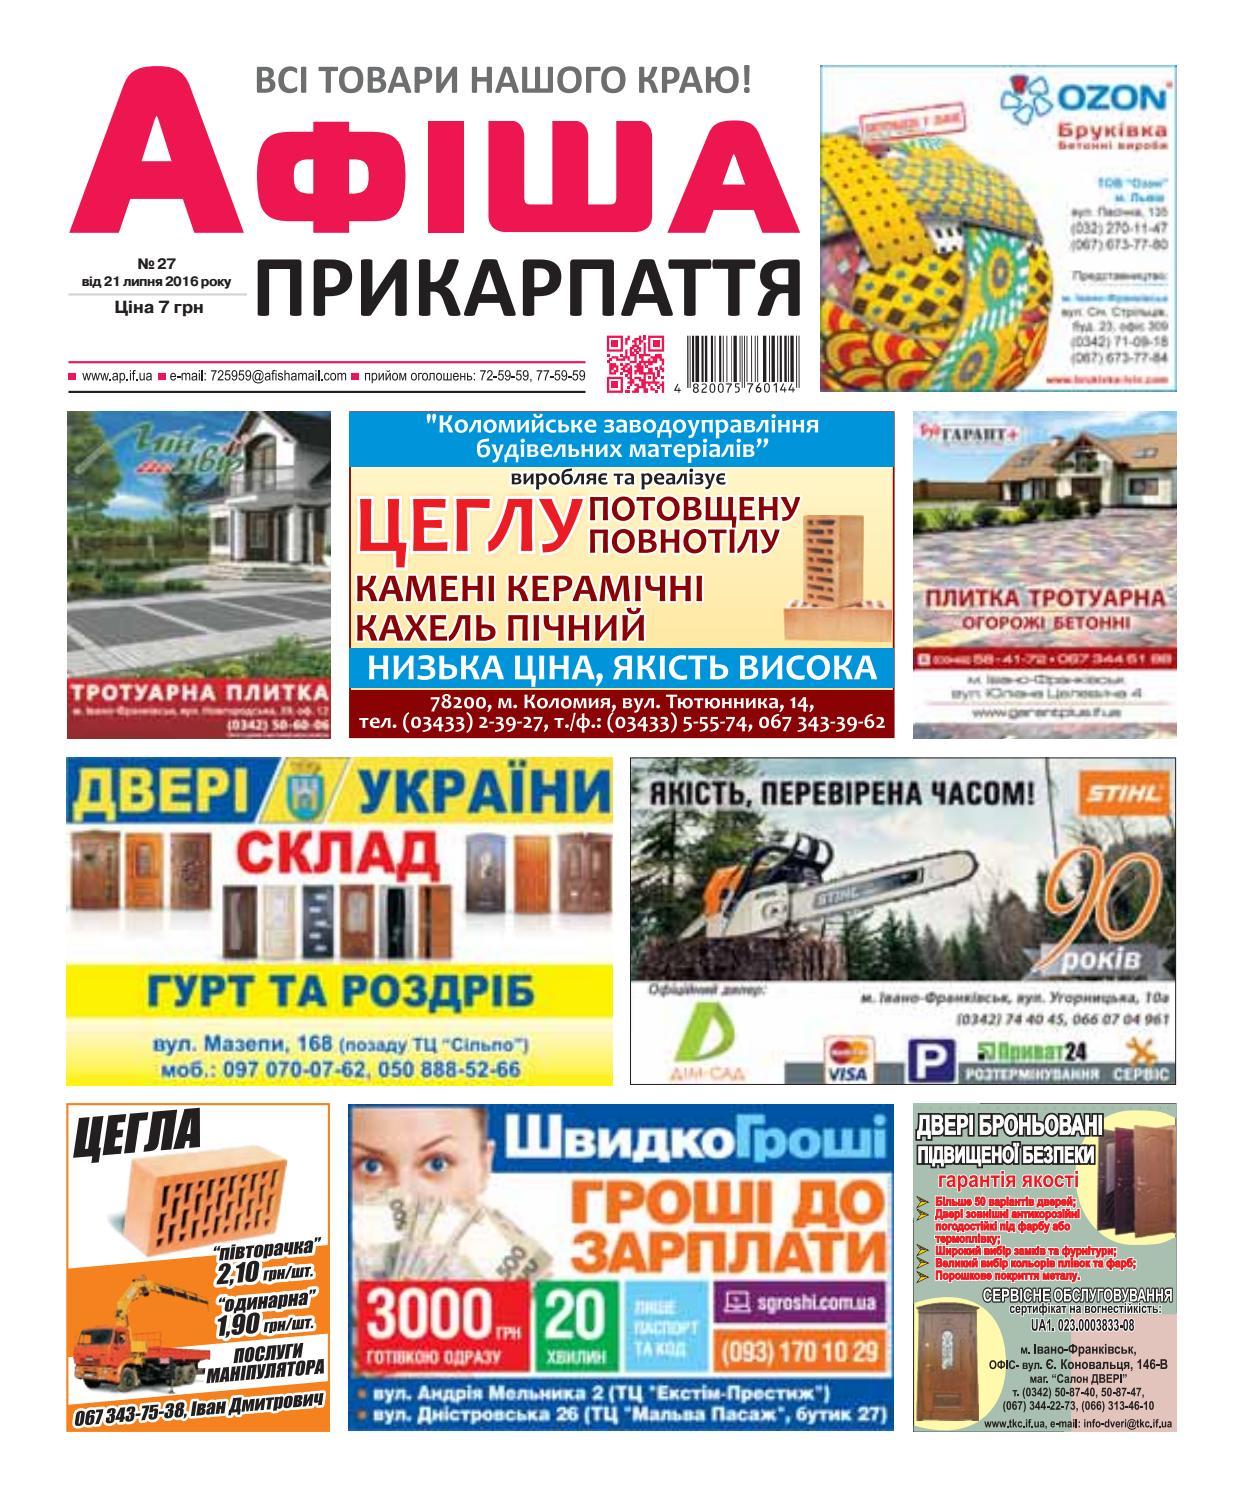 Афіша ПРИКАРПАТТЯ №27 by Olya Olya - issuu 7ed960a24cc8b